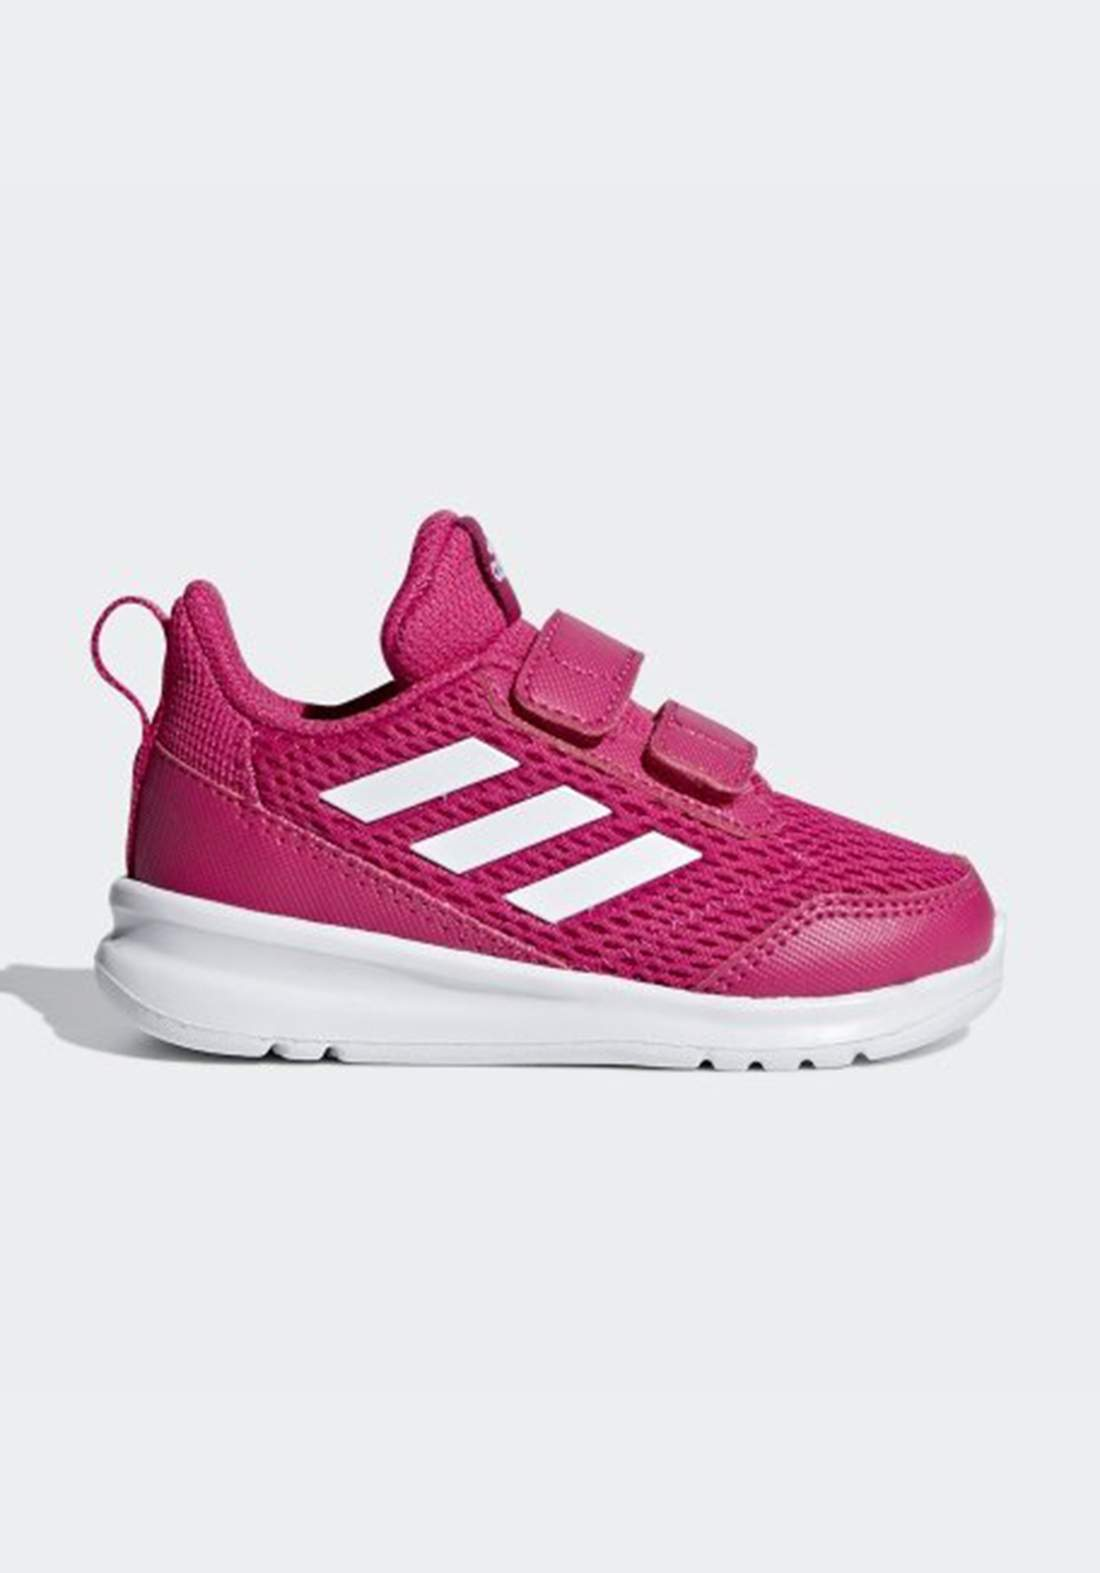 حذاء رياضي بناتي وردي اللون من أديداس